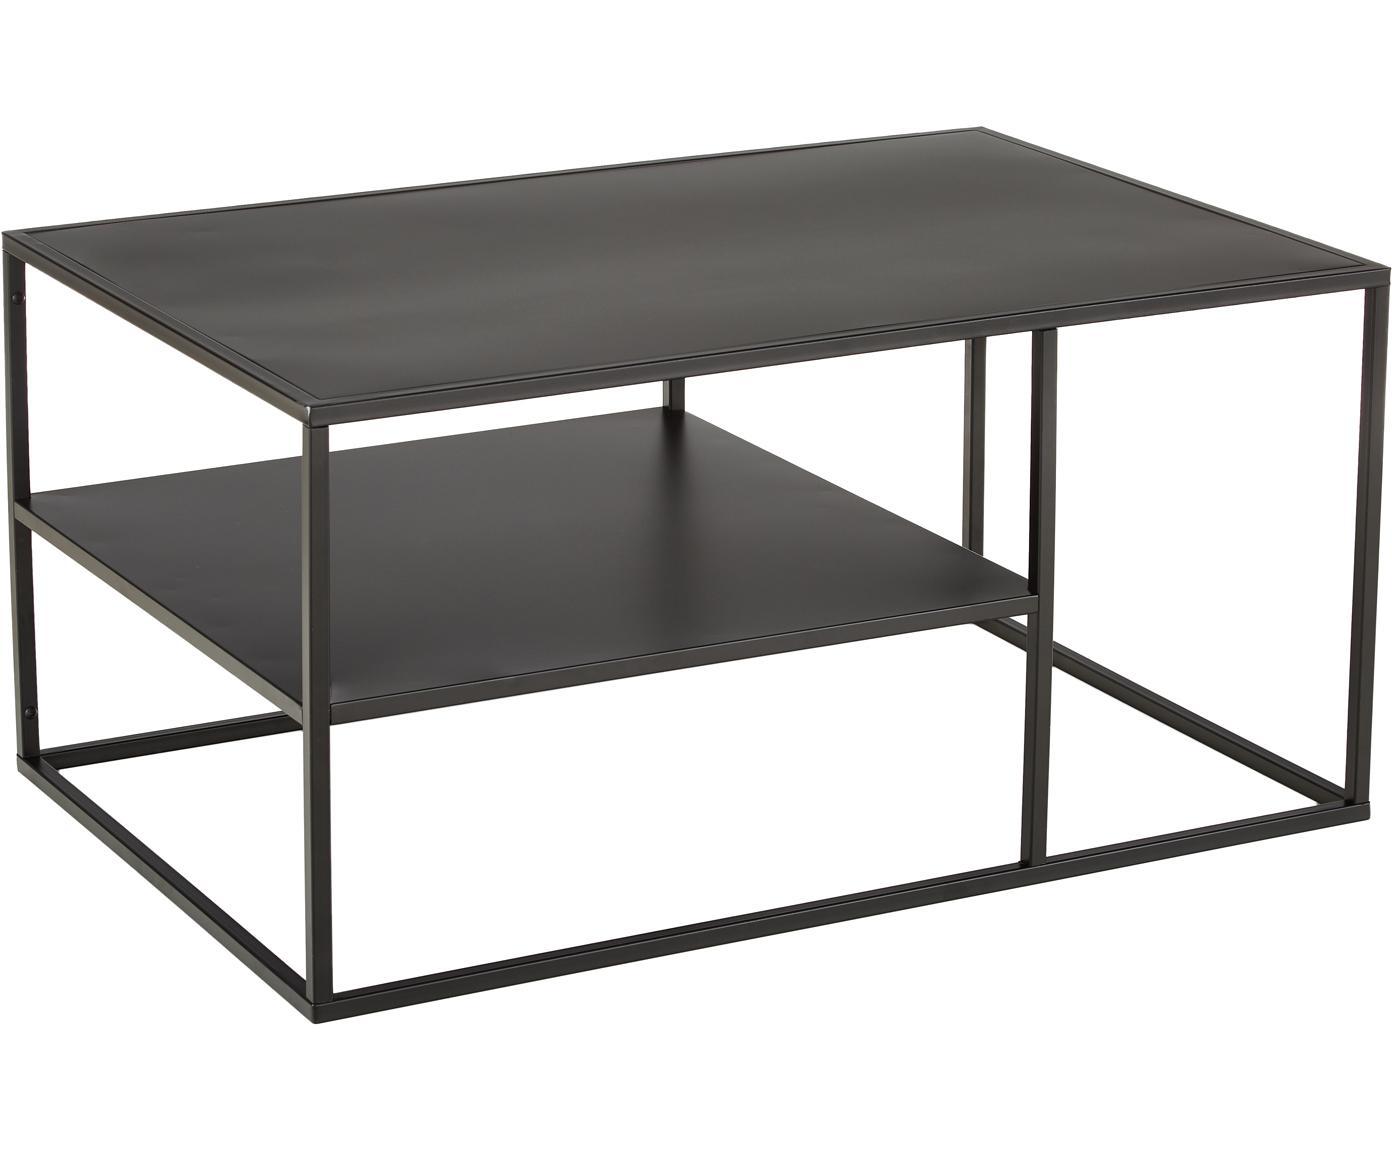 Stolik kawowy metal Newton, Metal malowany proszkowo, Czarny, S 90 x G 60 cm